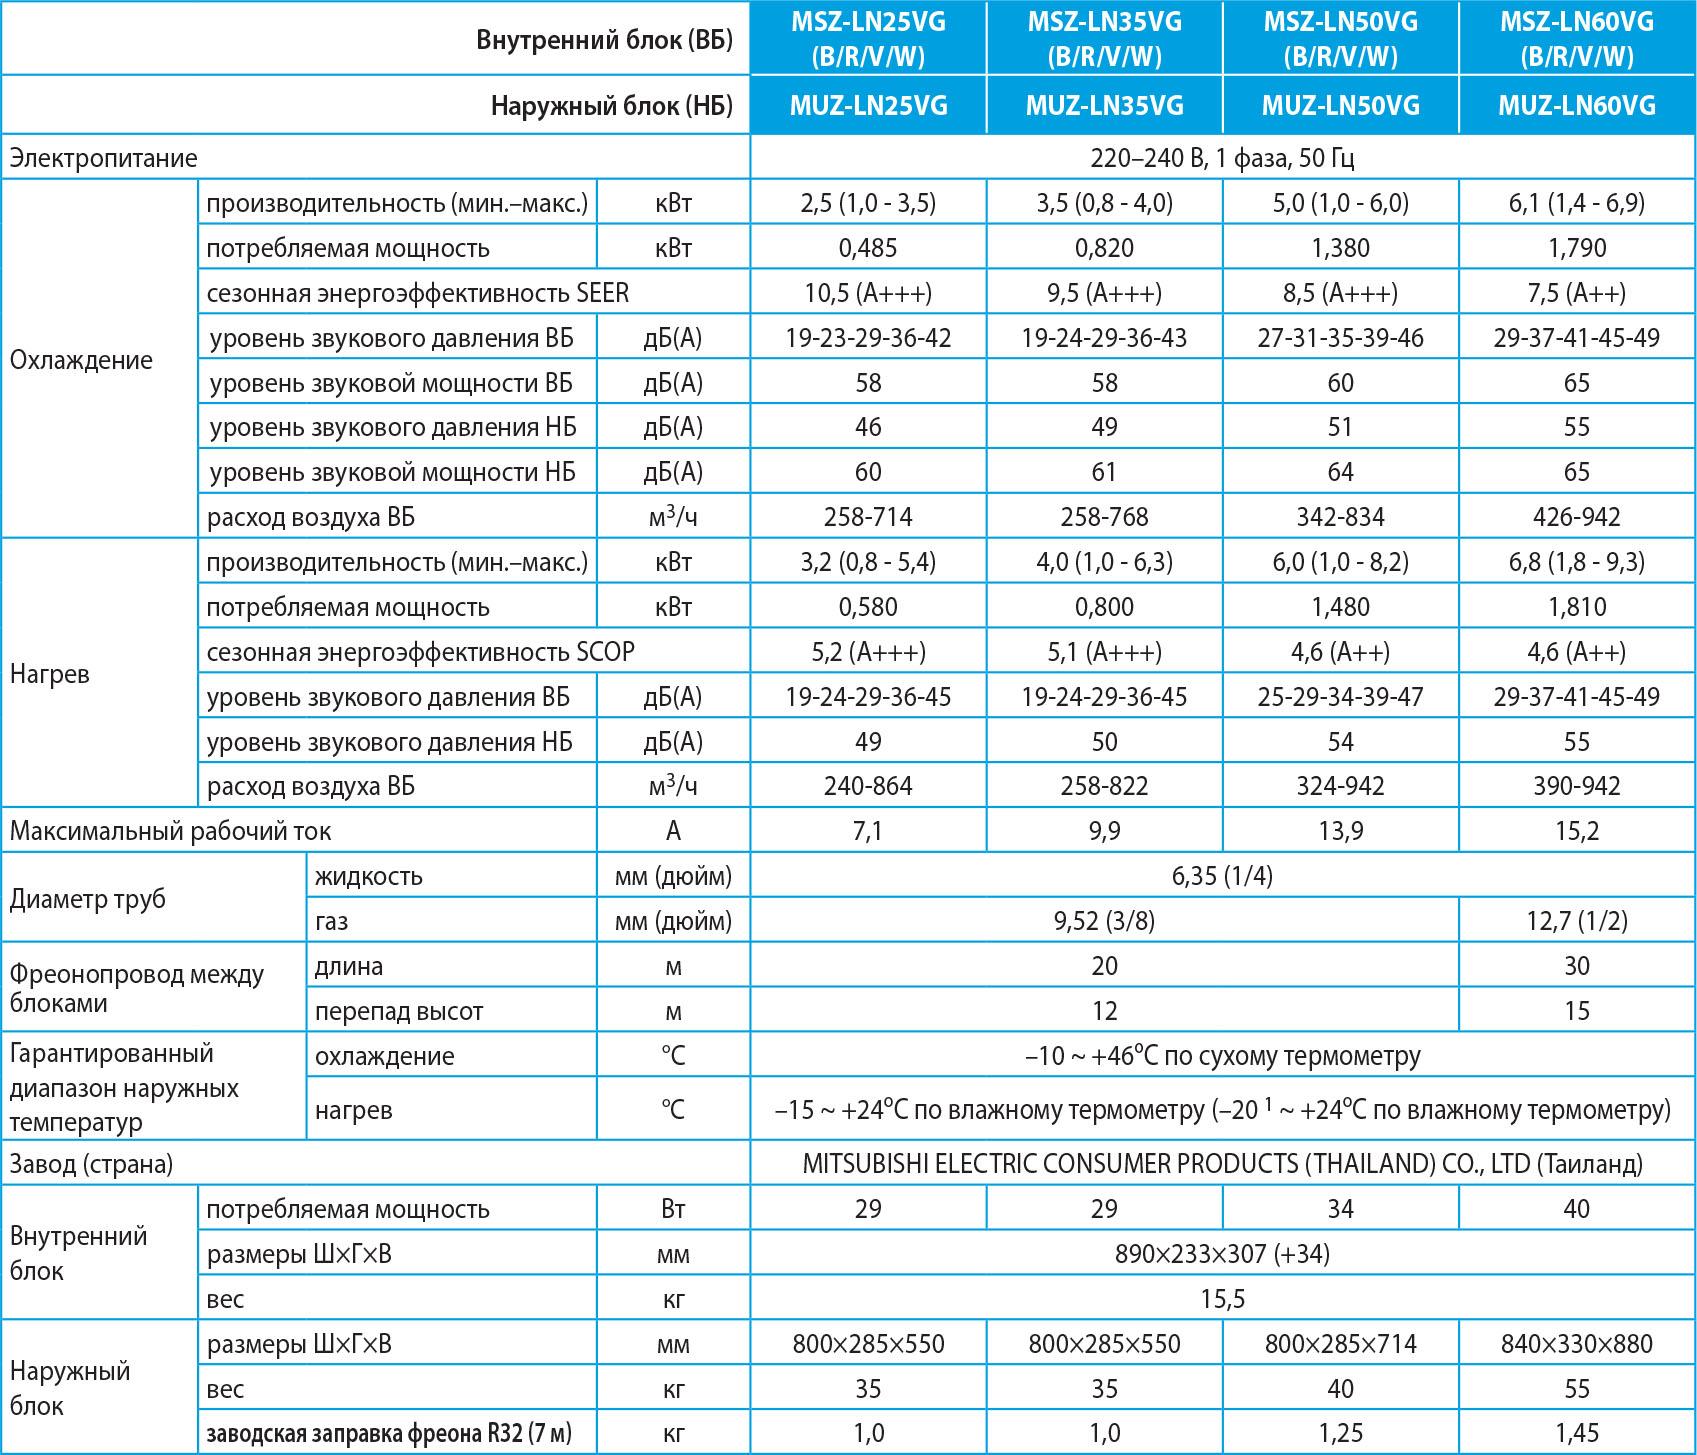 Технічні характеристики кондиціонера Mitsubishi Electric MSZ-LN25VGB-E1 / MUZ-LN25VG-E1 серії Premium Inverter